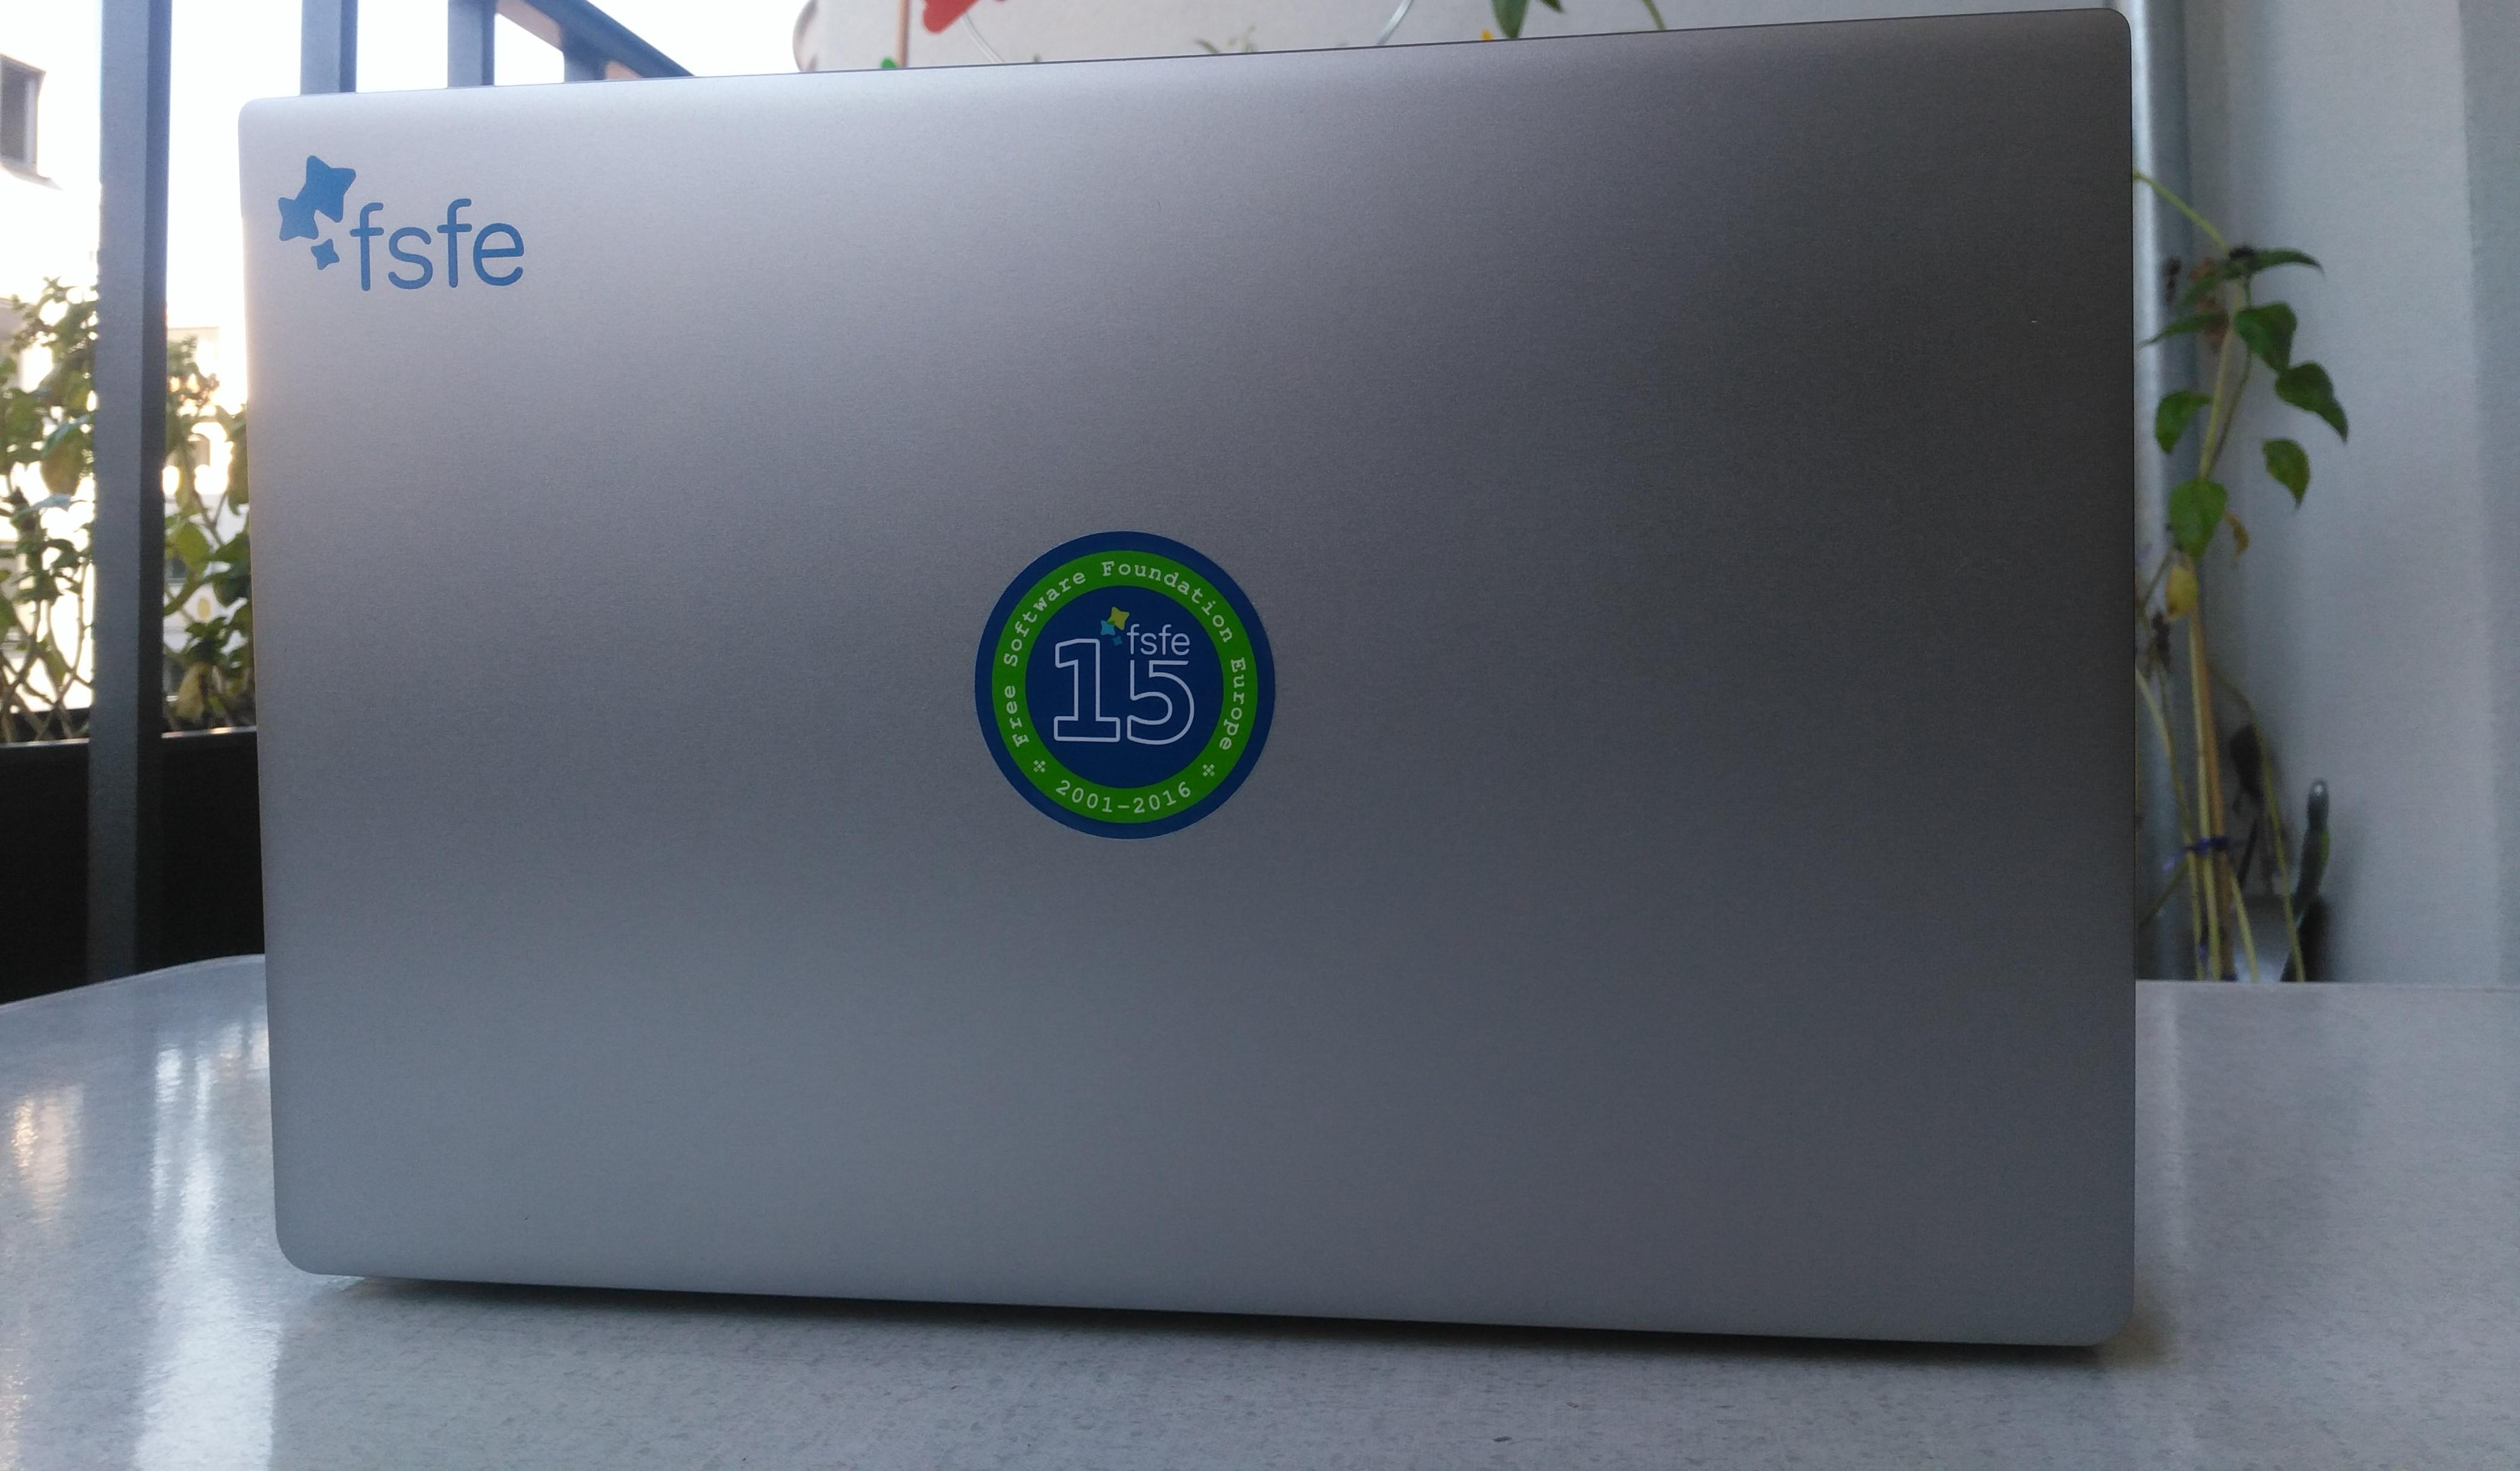 The FSFE15 sticker on my laptop